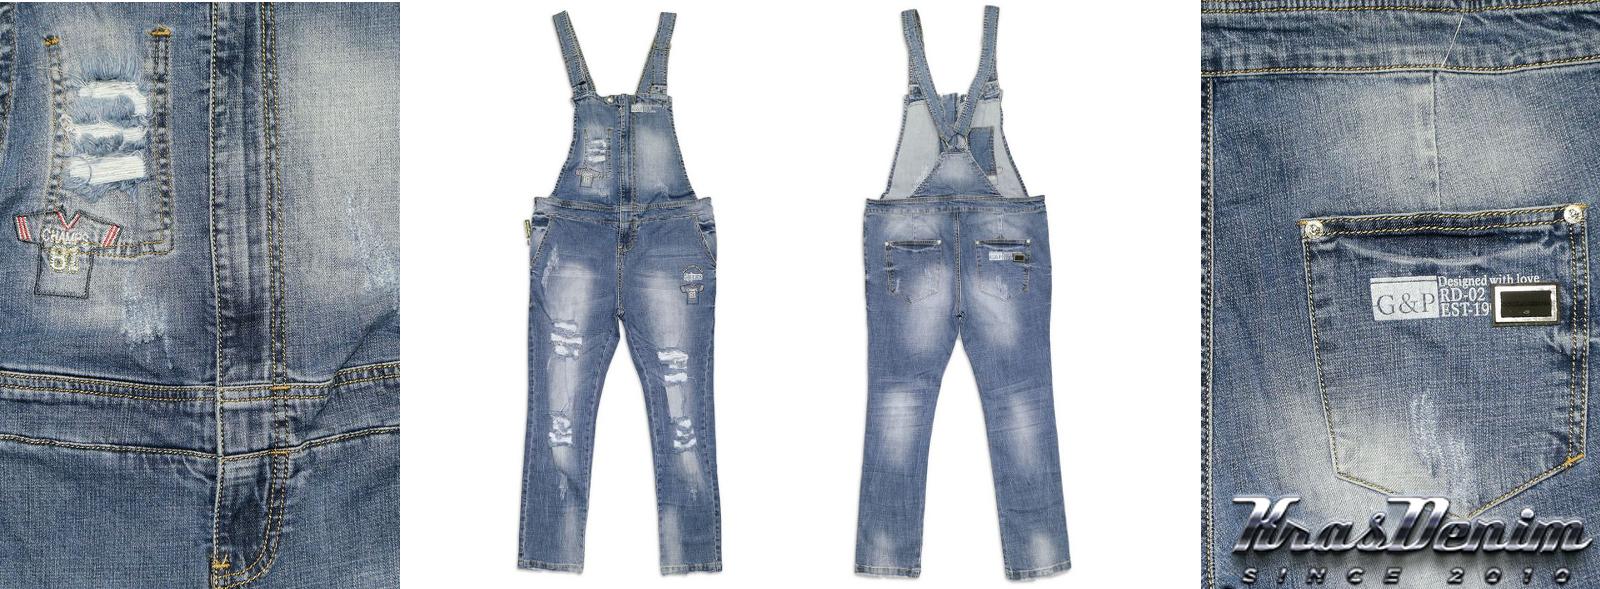 Женские и мужские джинсы (замеры по всем новинкам) брендов Ligas, Fabex, Republik, Squalo, GoodWill и другие. Без